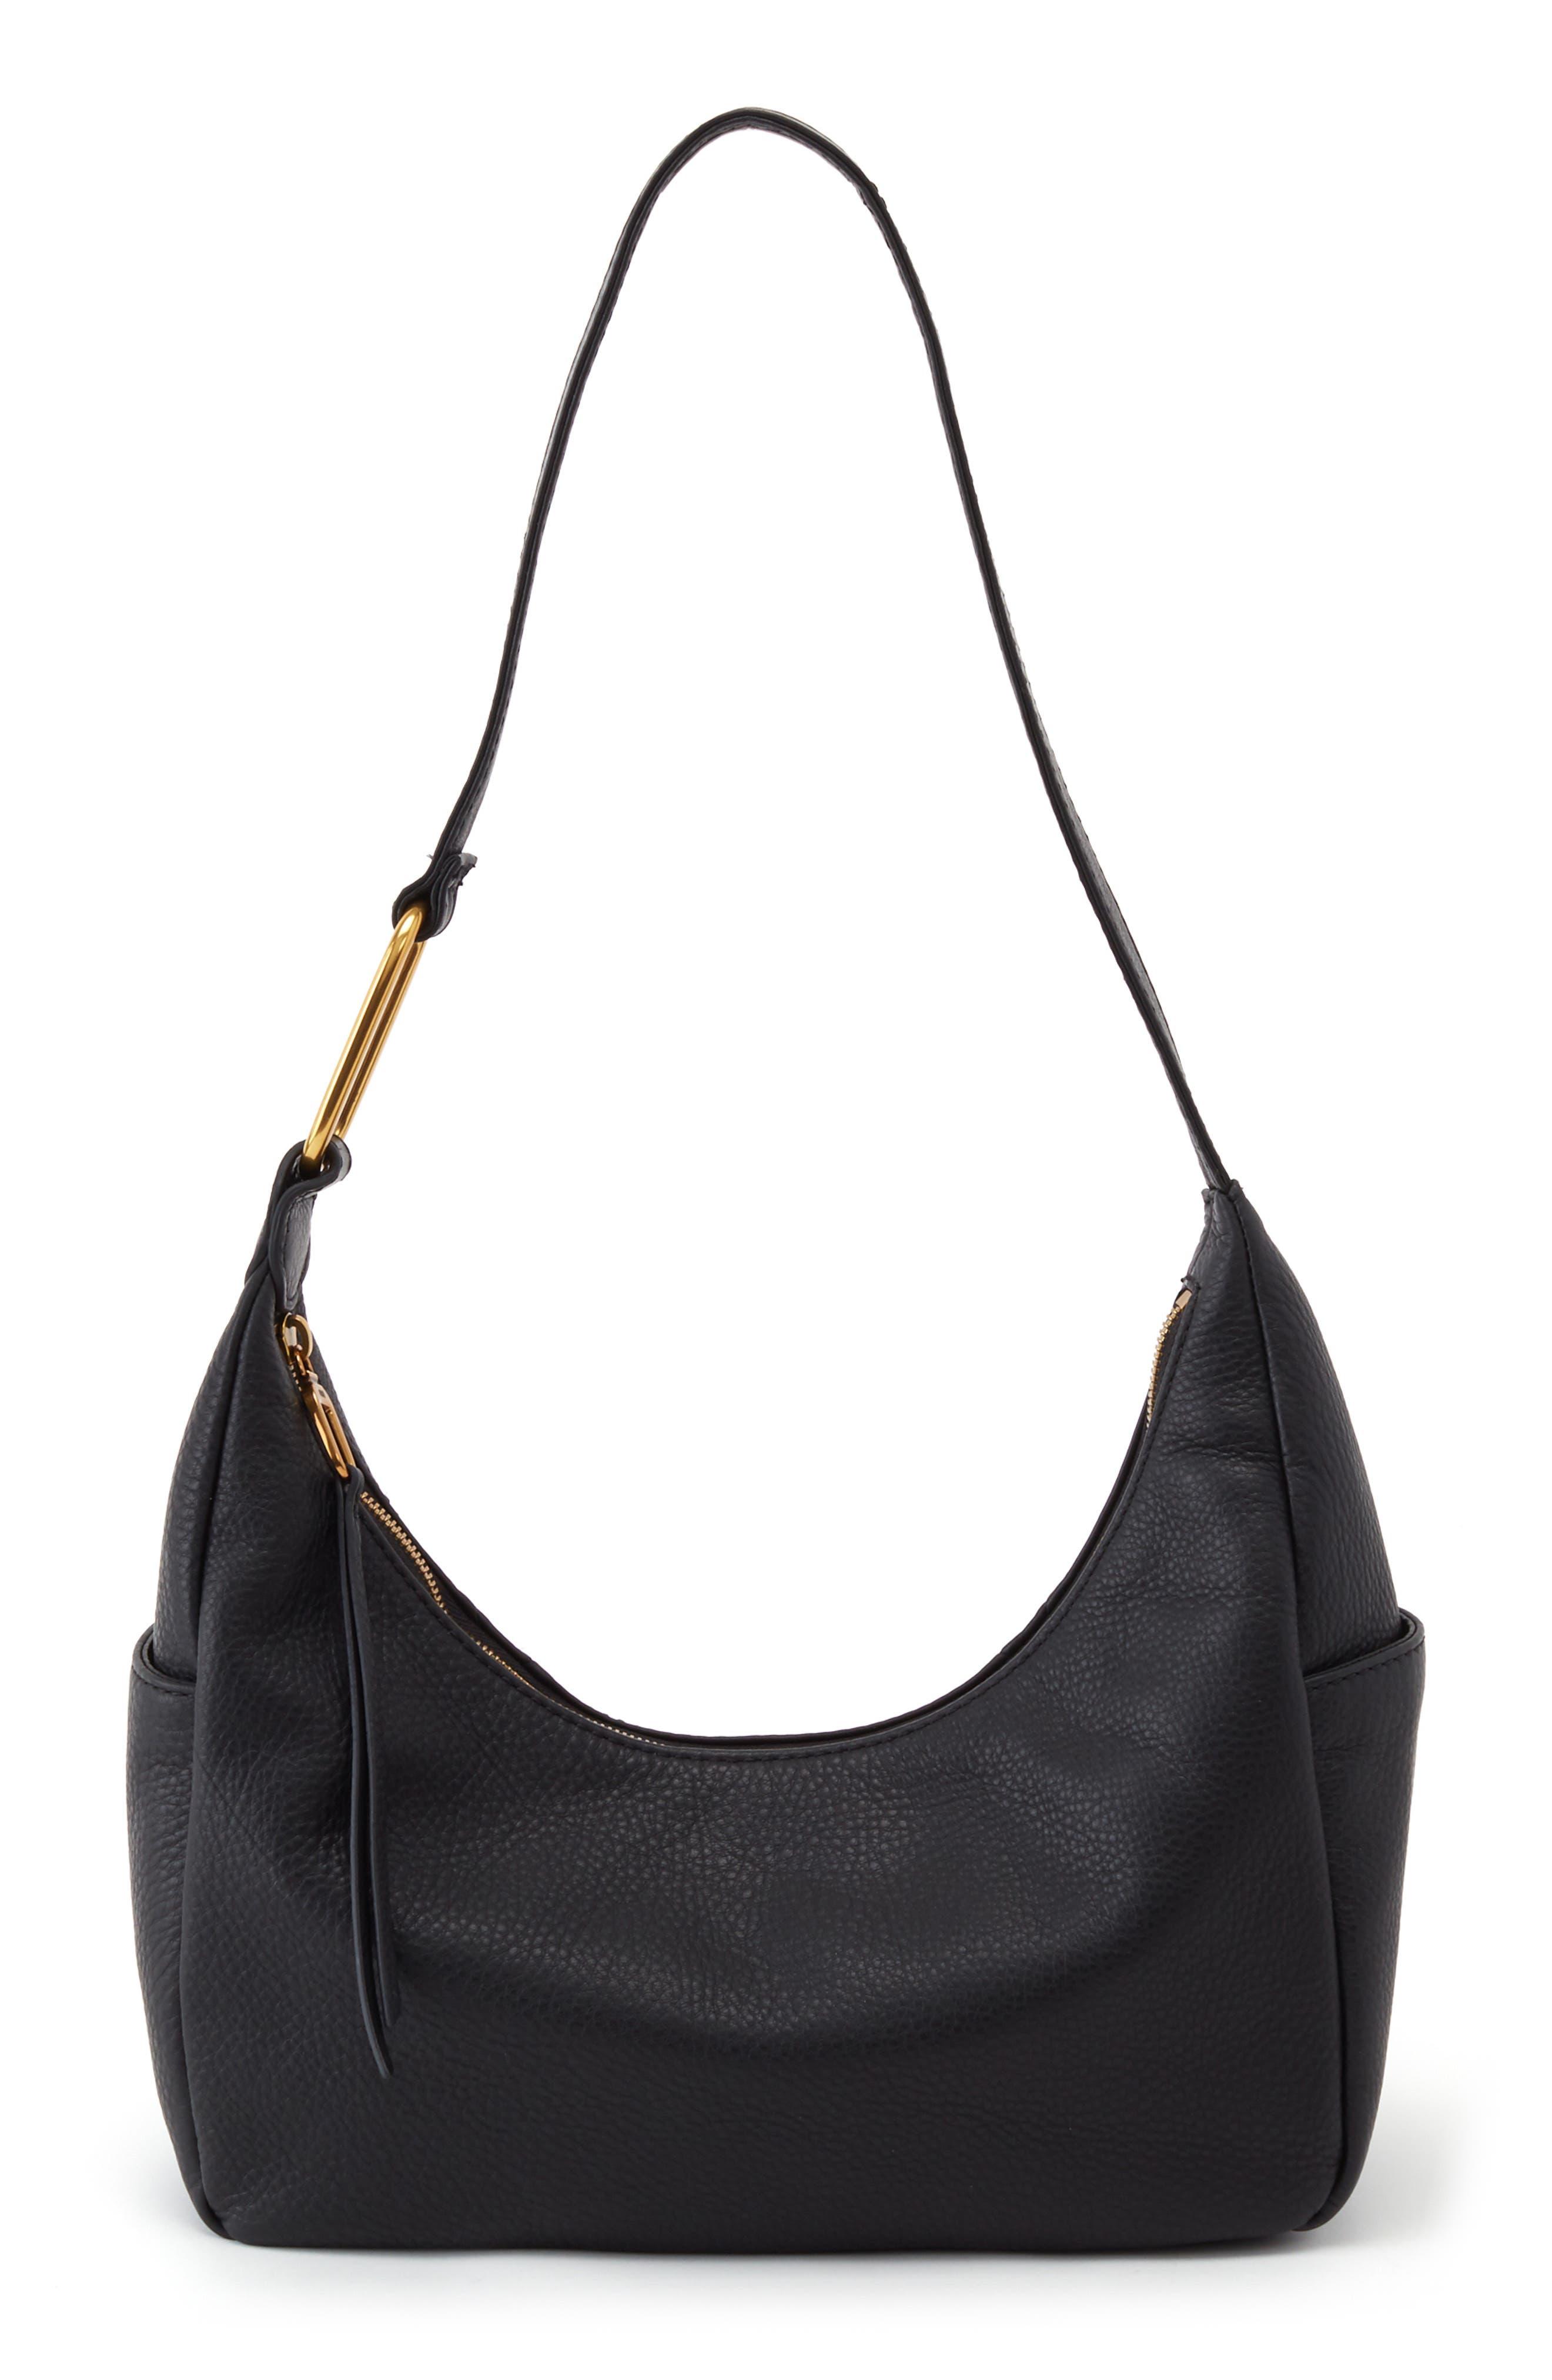 Fielder Leather Shoulder Bag